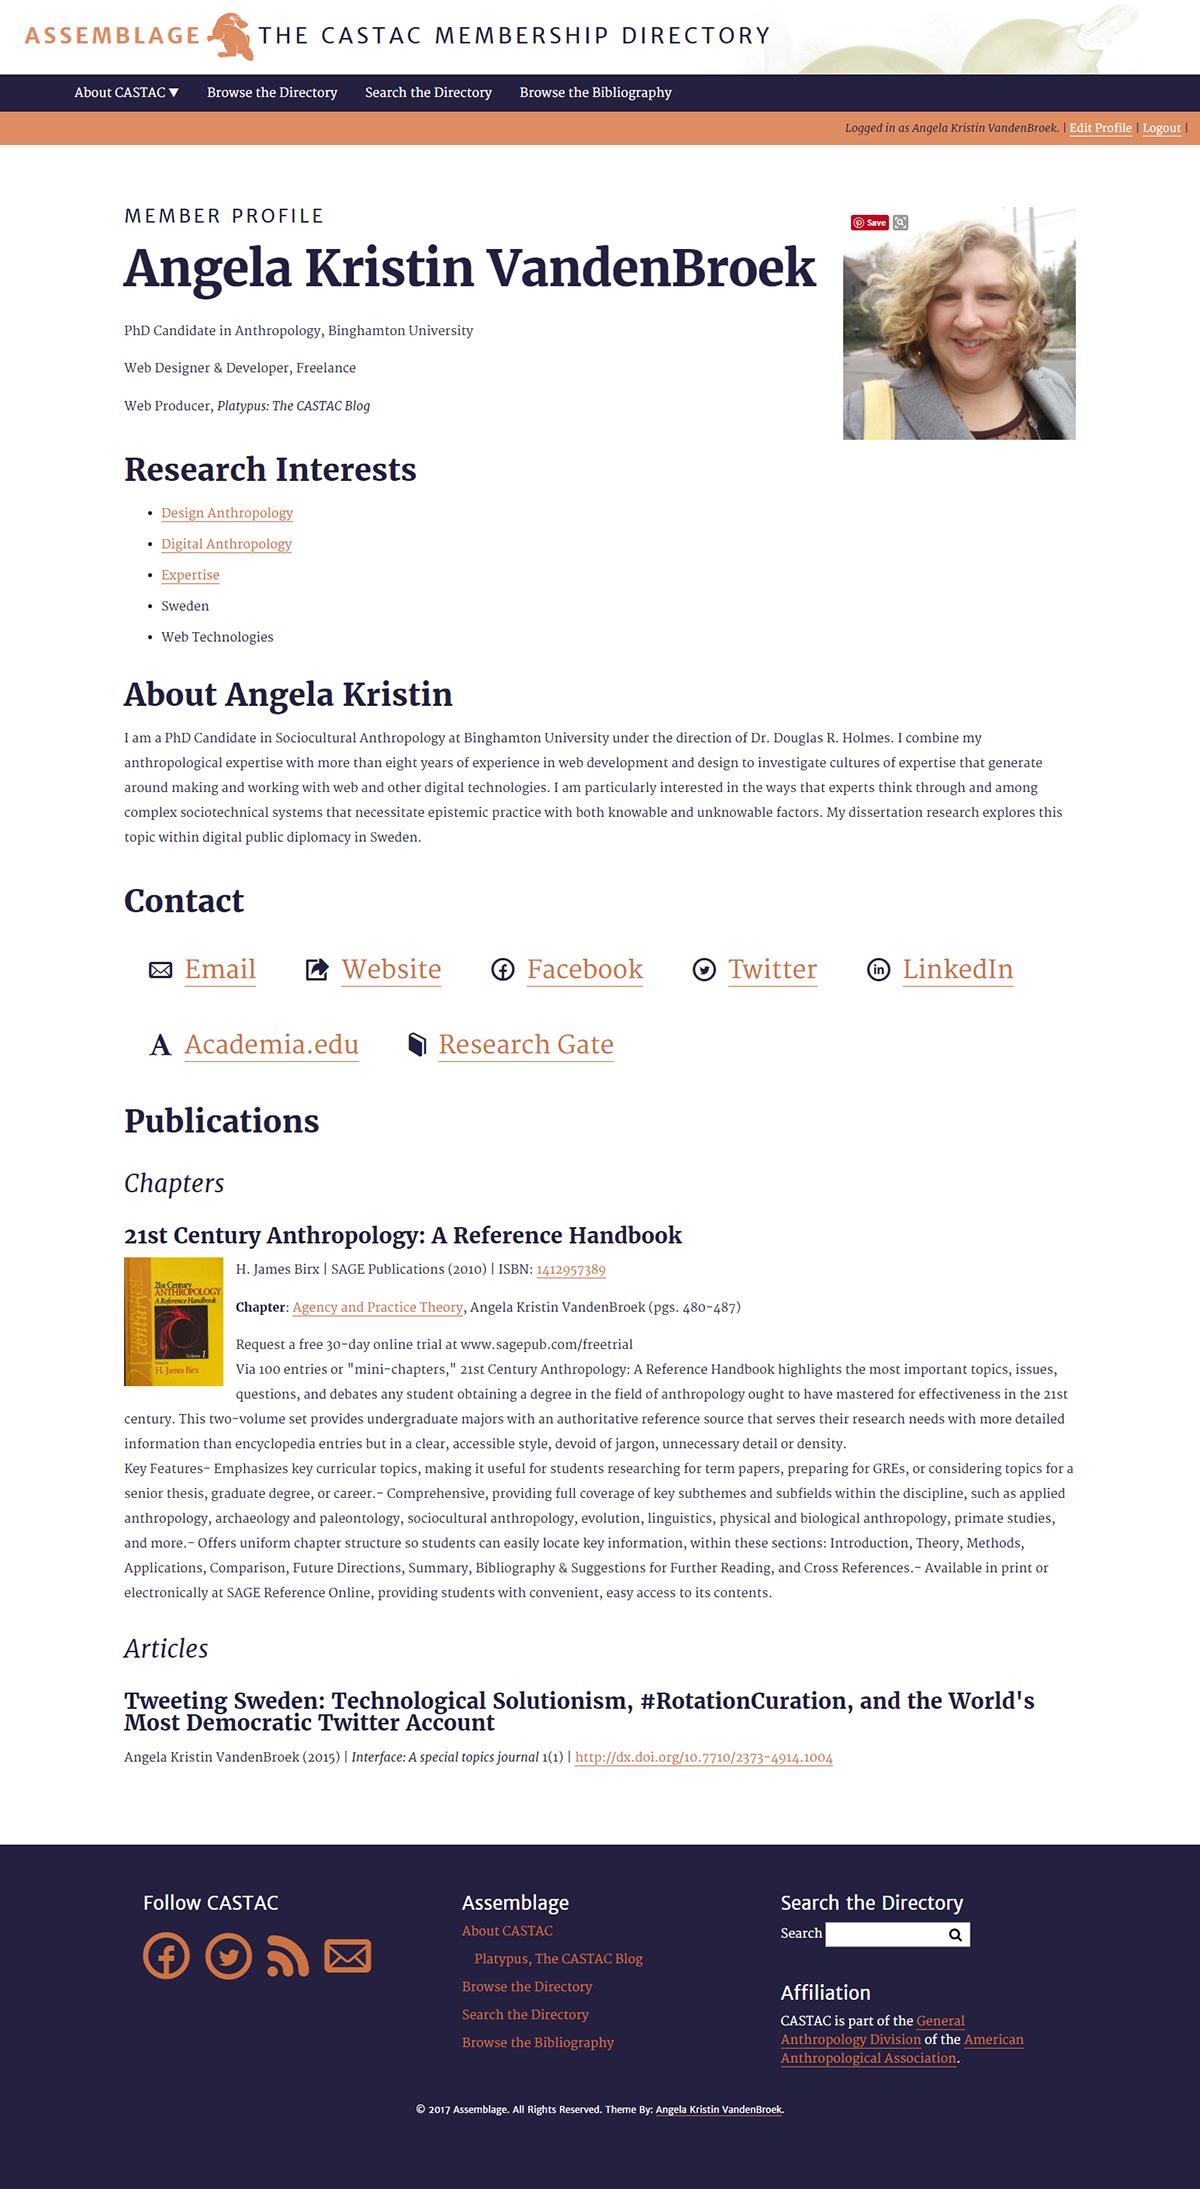 Individual Member Profile